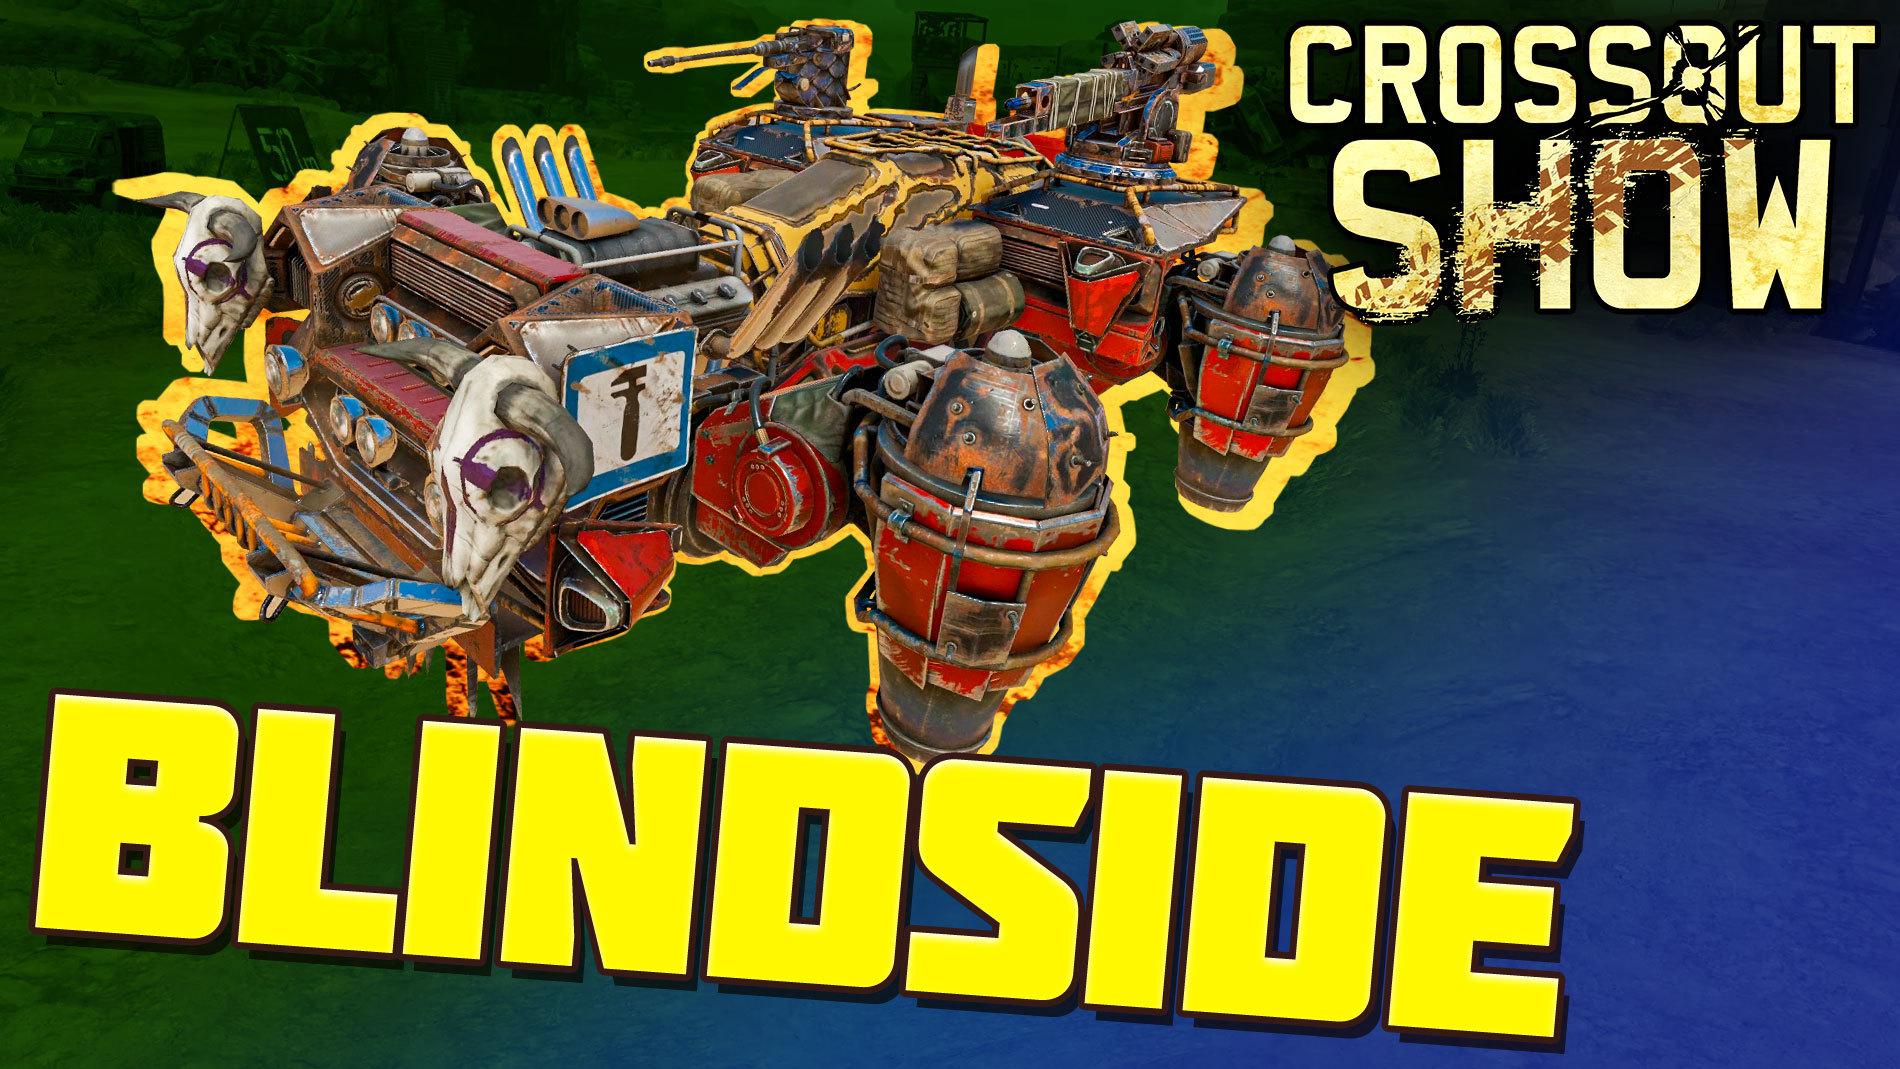 [Video] Crossout Show: Blindside